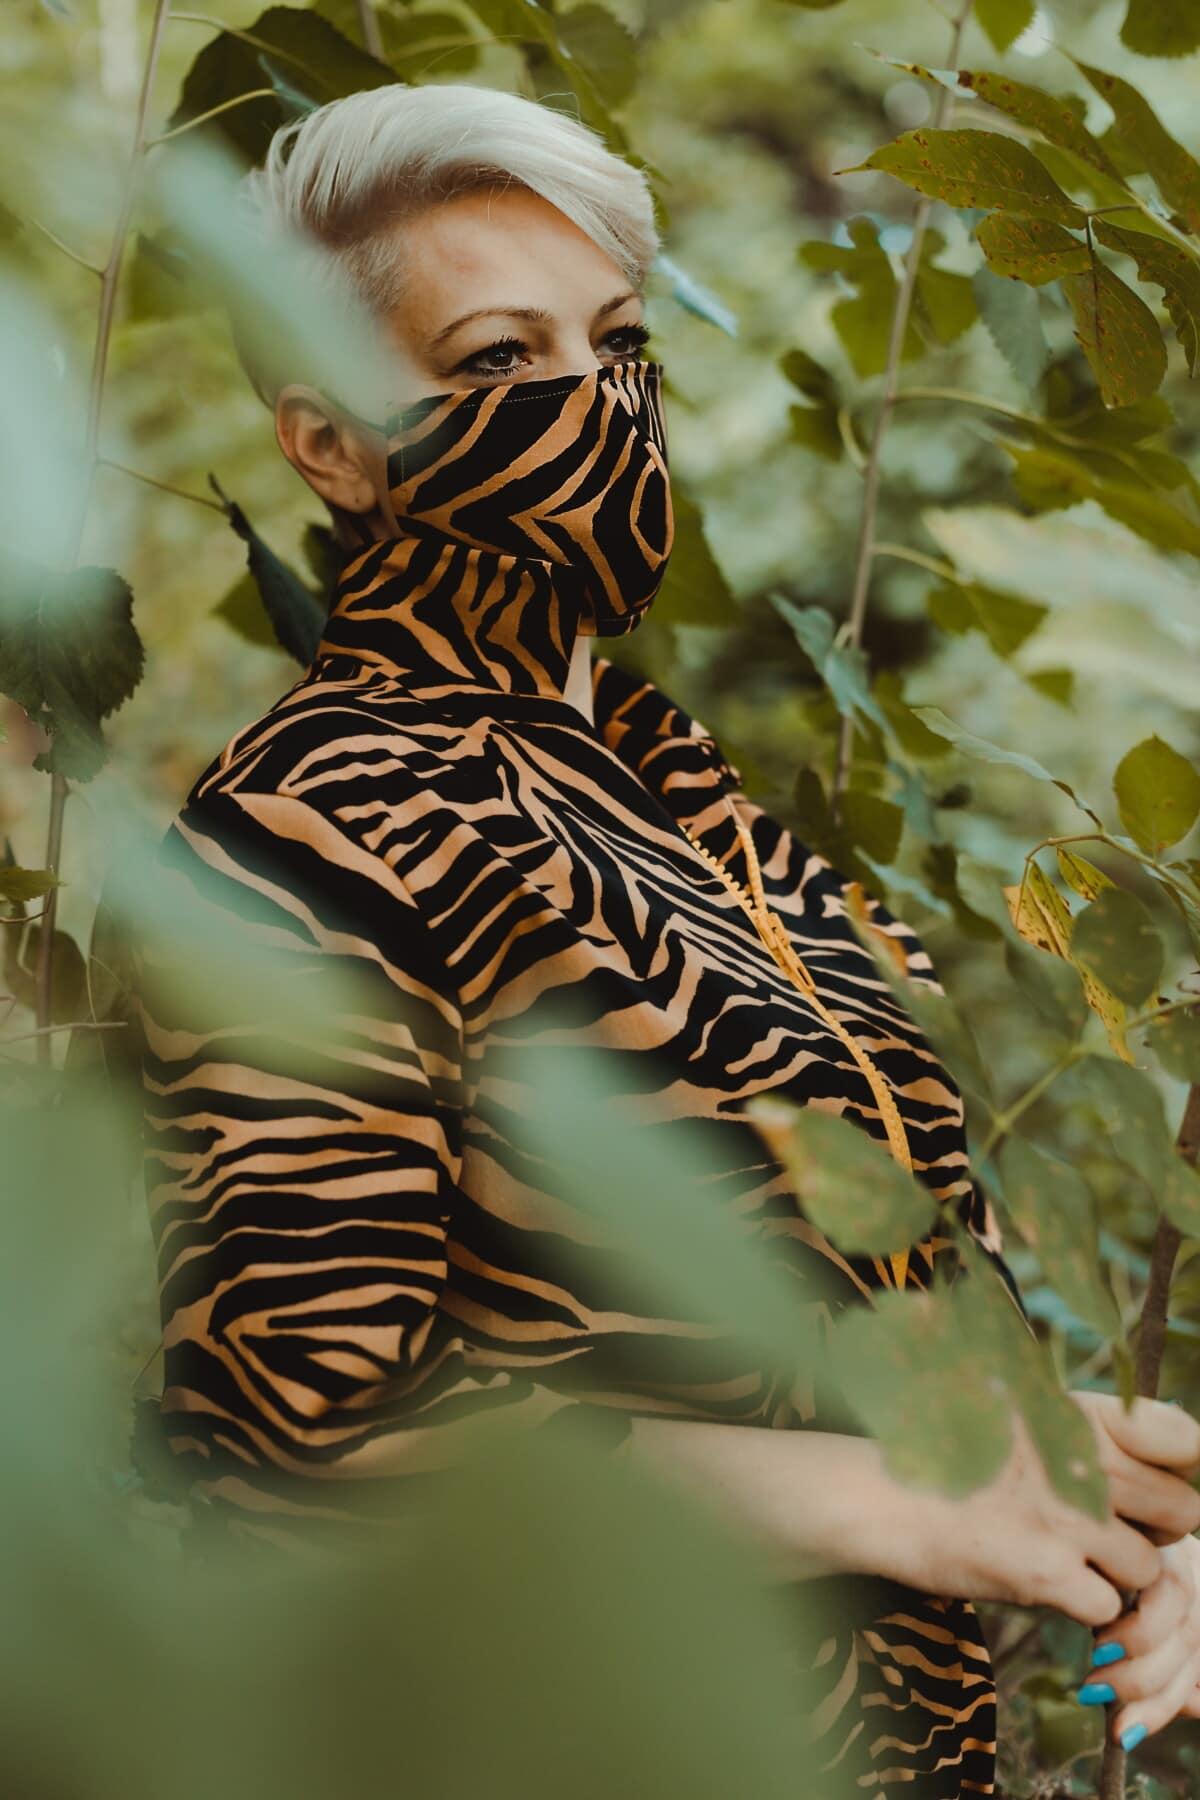 moderne, camouflage, mode, Outfit, masque visage, décontractée, nature, portrait, faune, animal